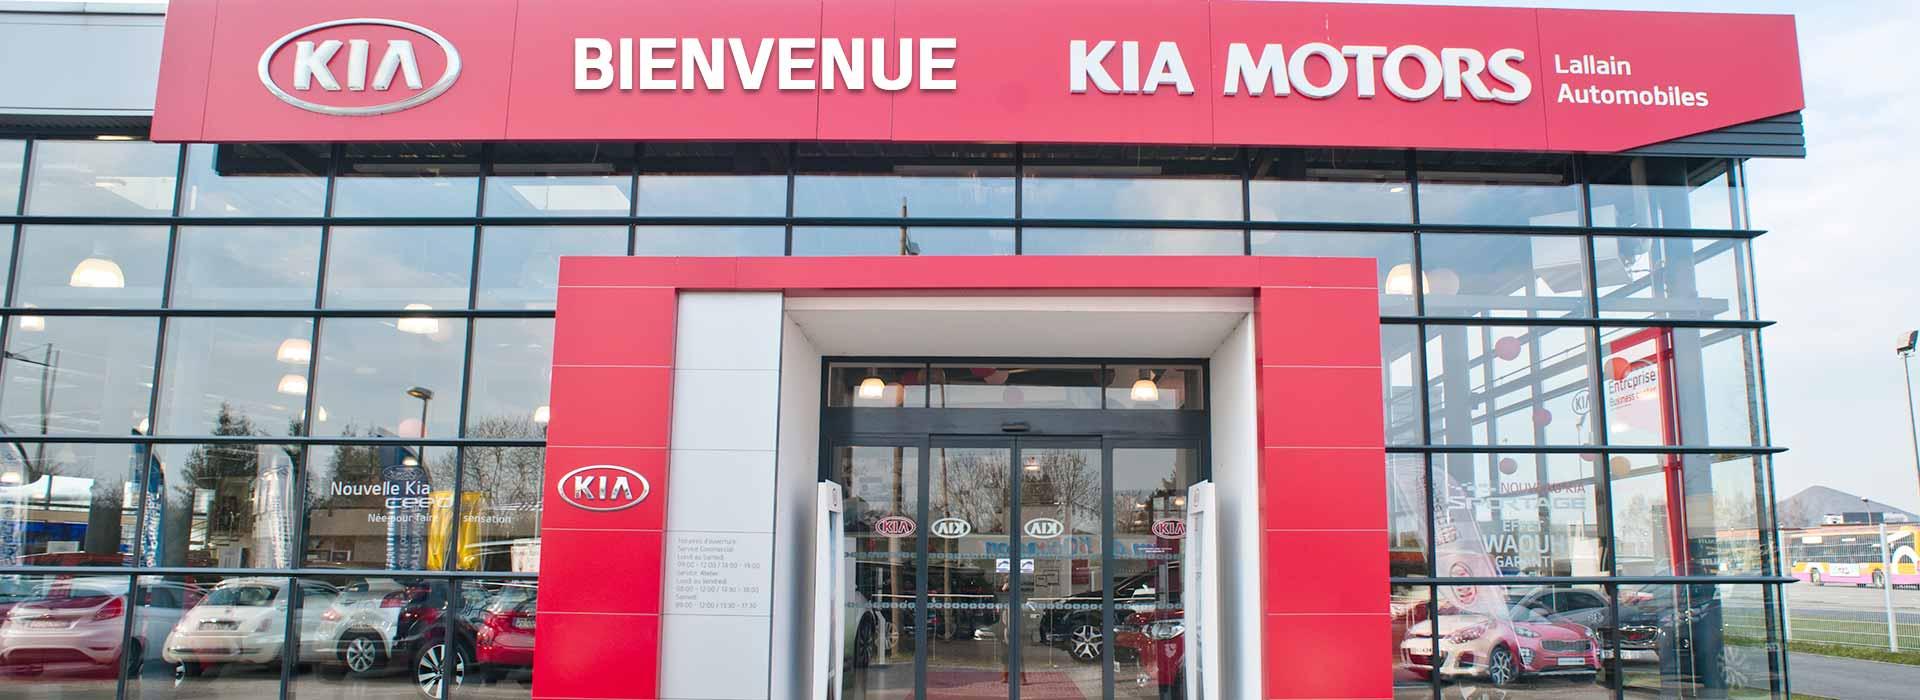 kia lievin concessionnaire garage pas de calais 62. Black Bedroom Furniture Sets. Home Design Ideas